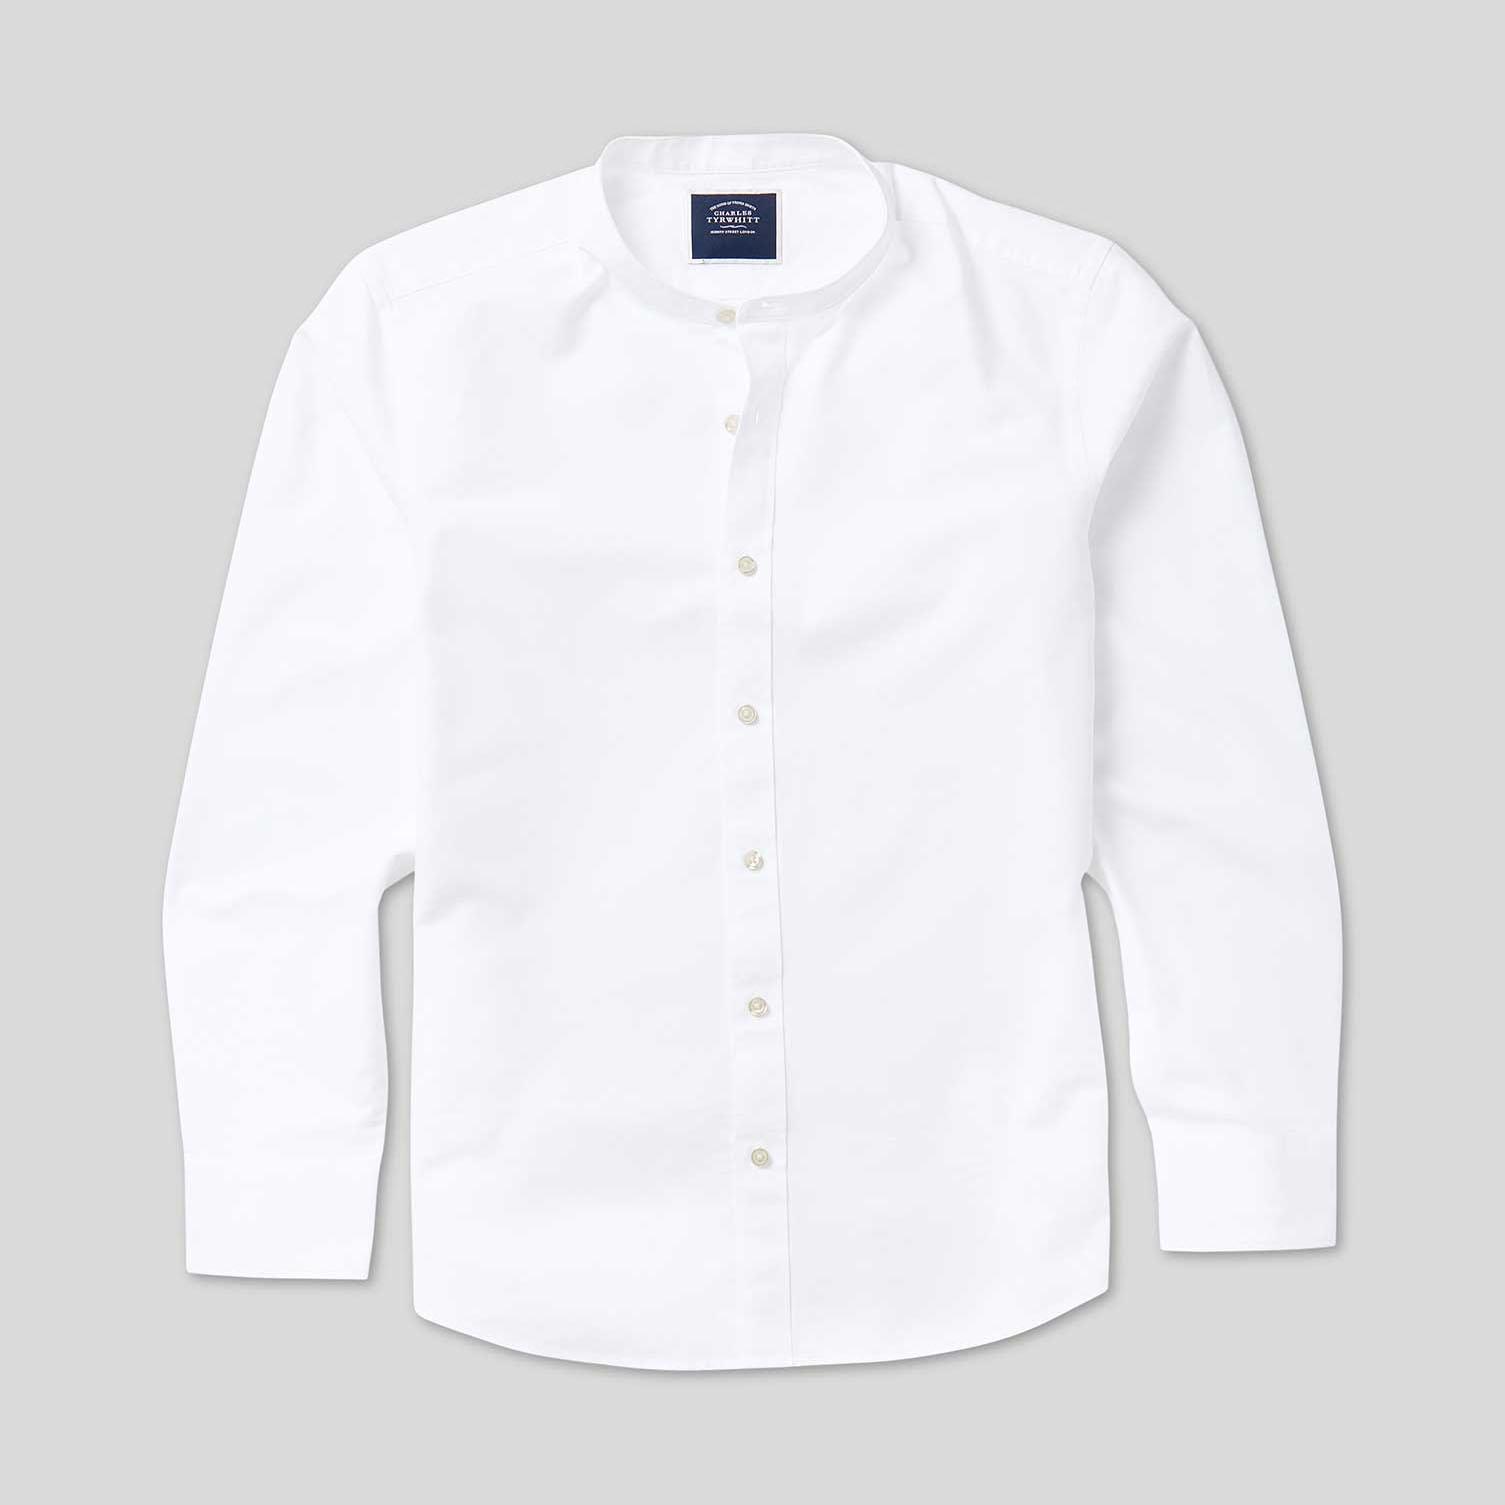 Charles Tyrwhitt Collarless Cotton Linen Shirt